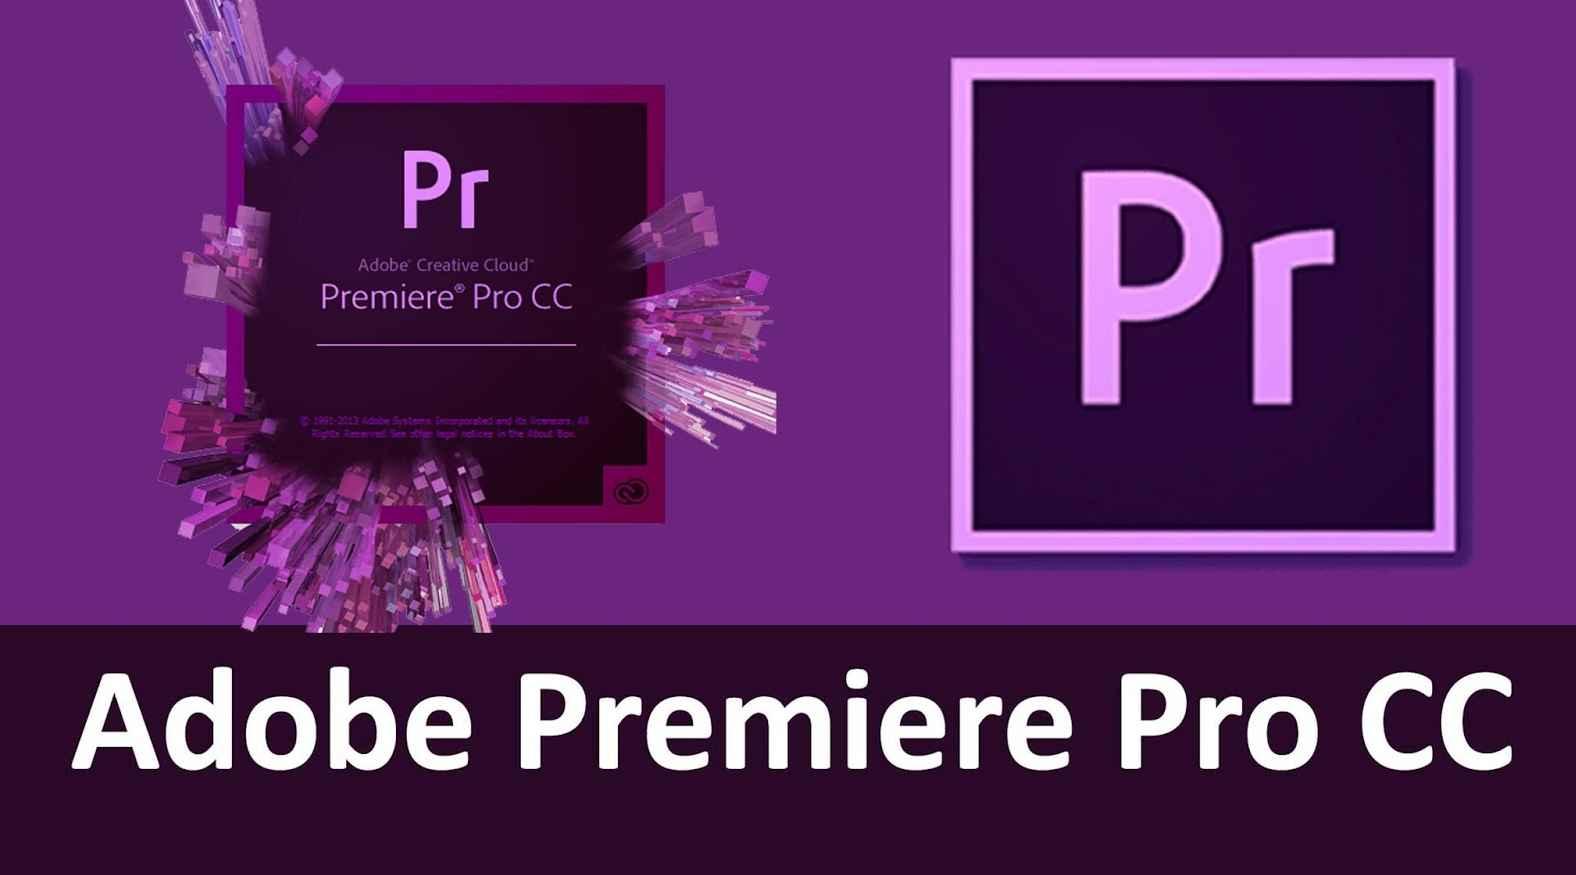 adobe premiere pro cc windows 8 1